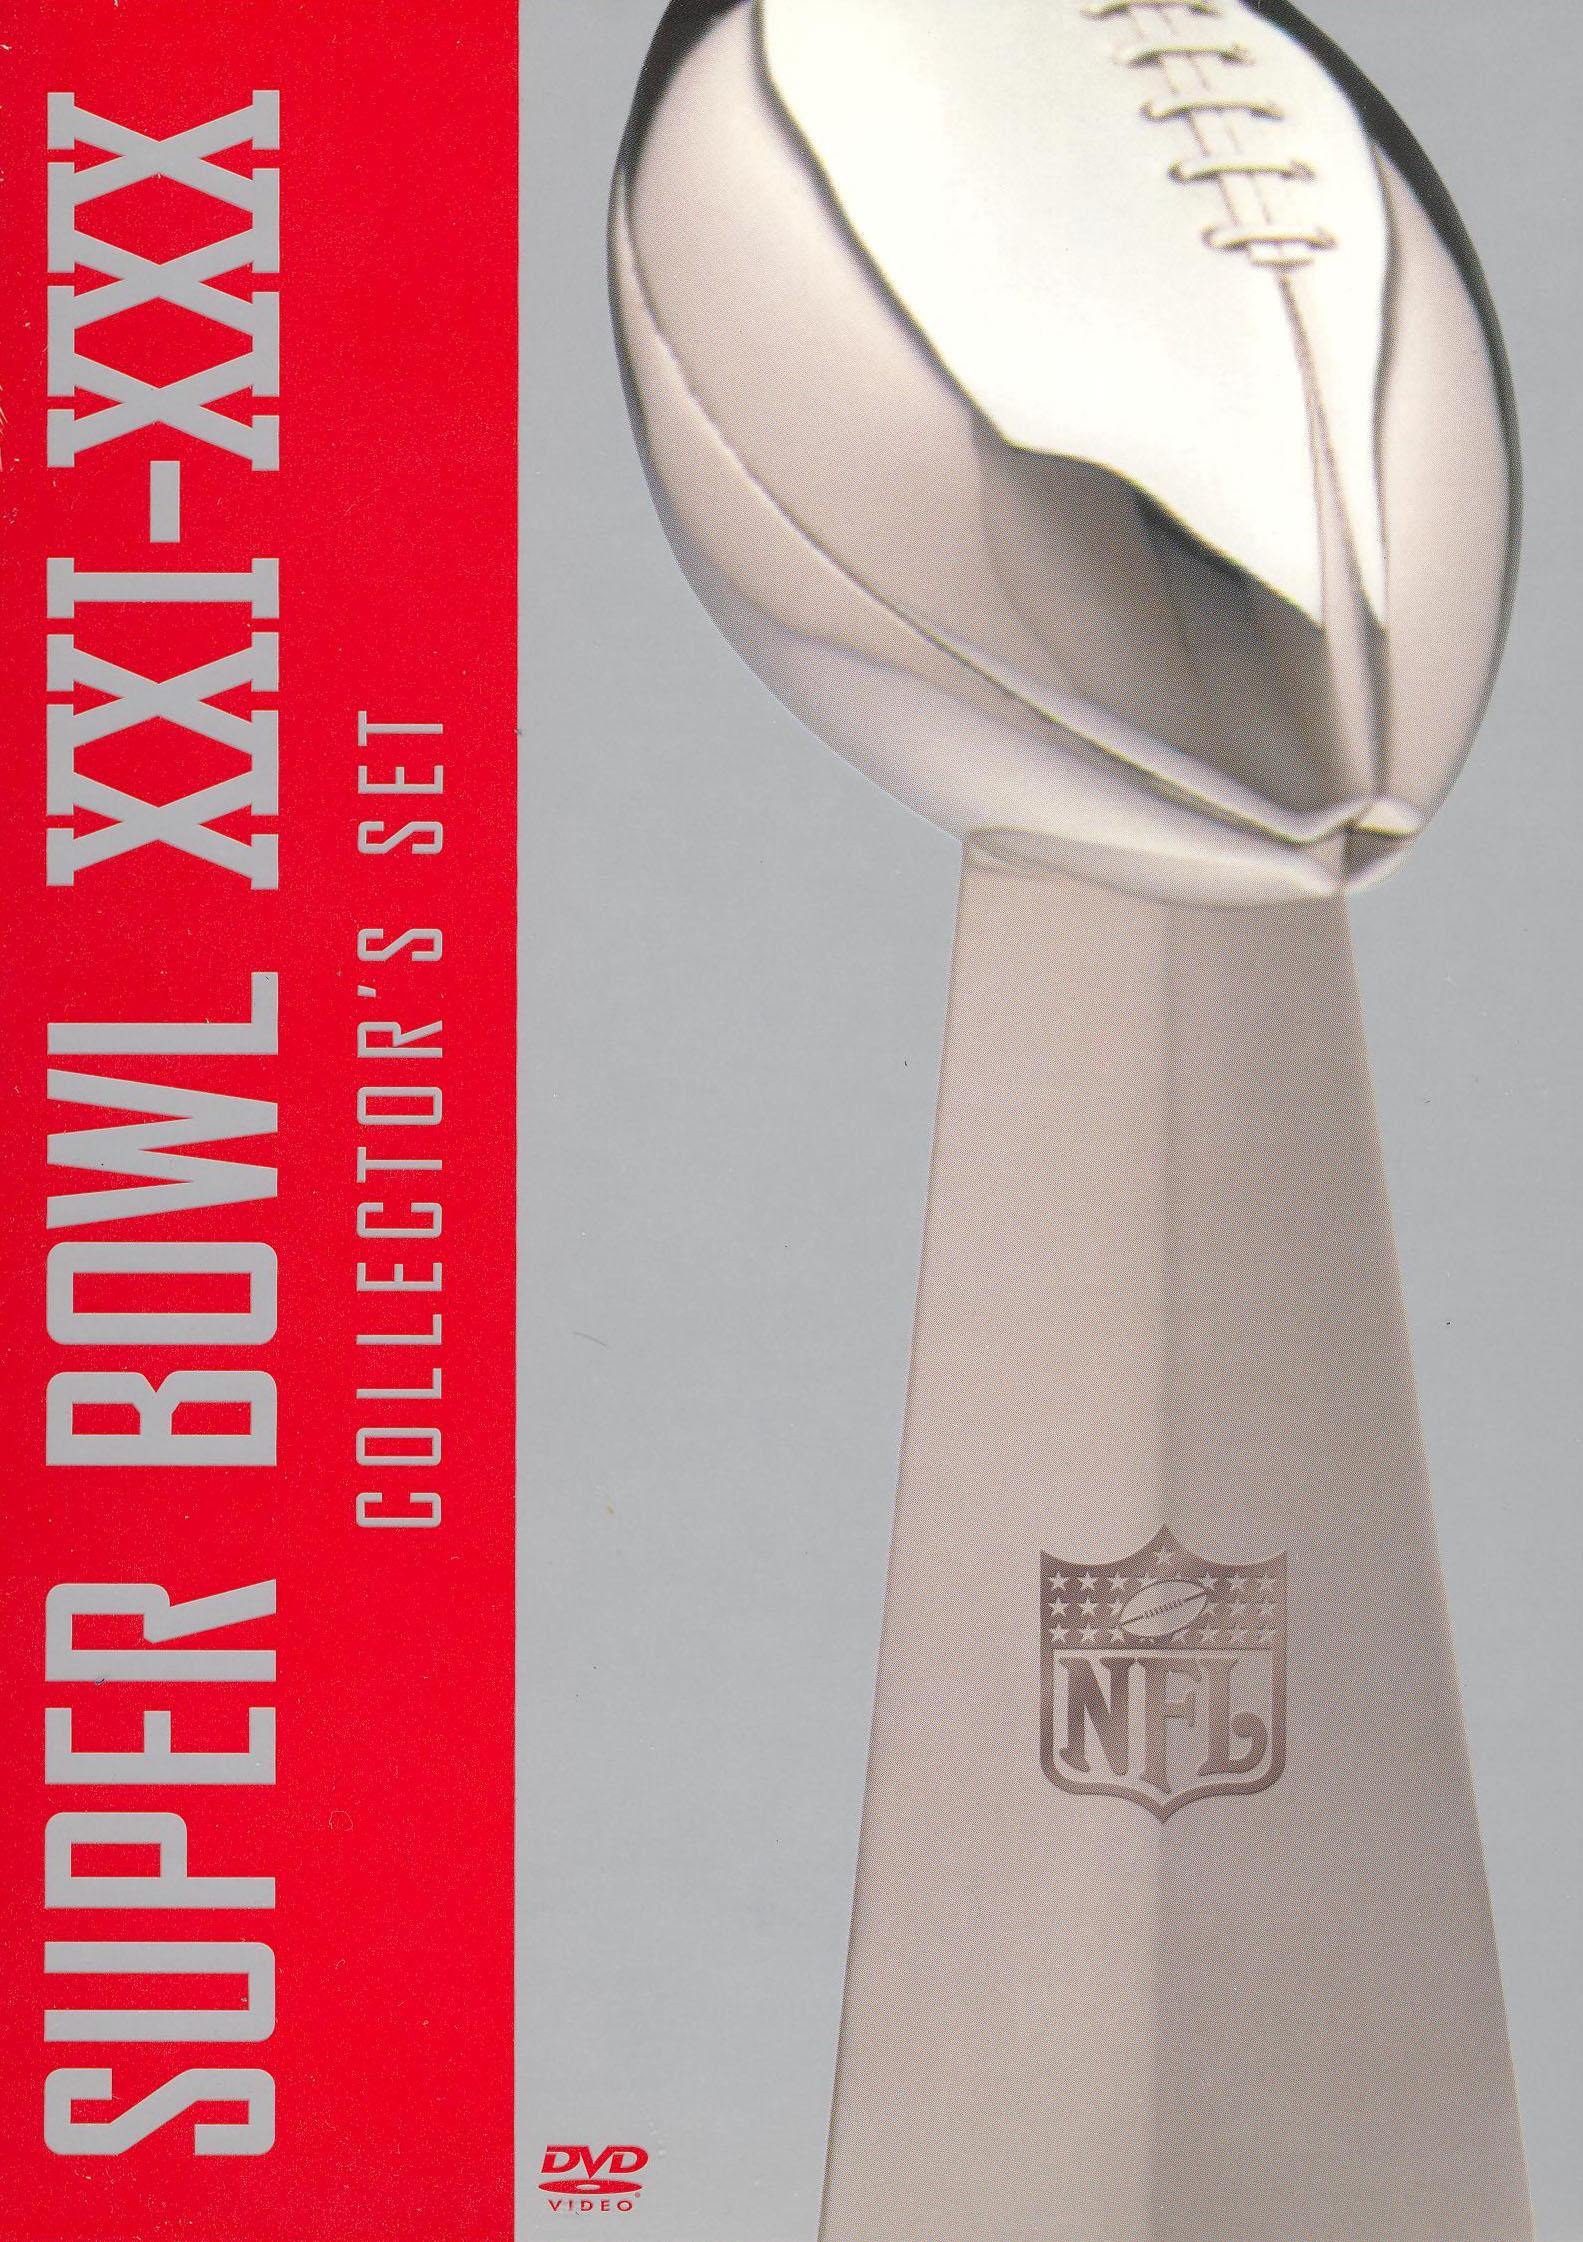 NFL Films: Super Bowl XXI-XXX